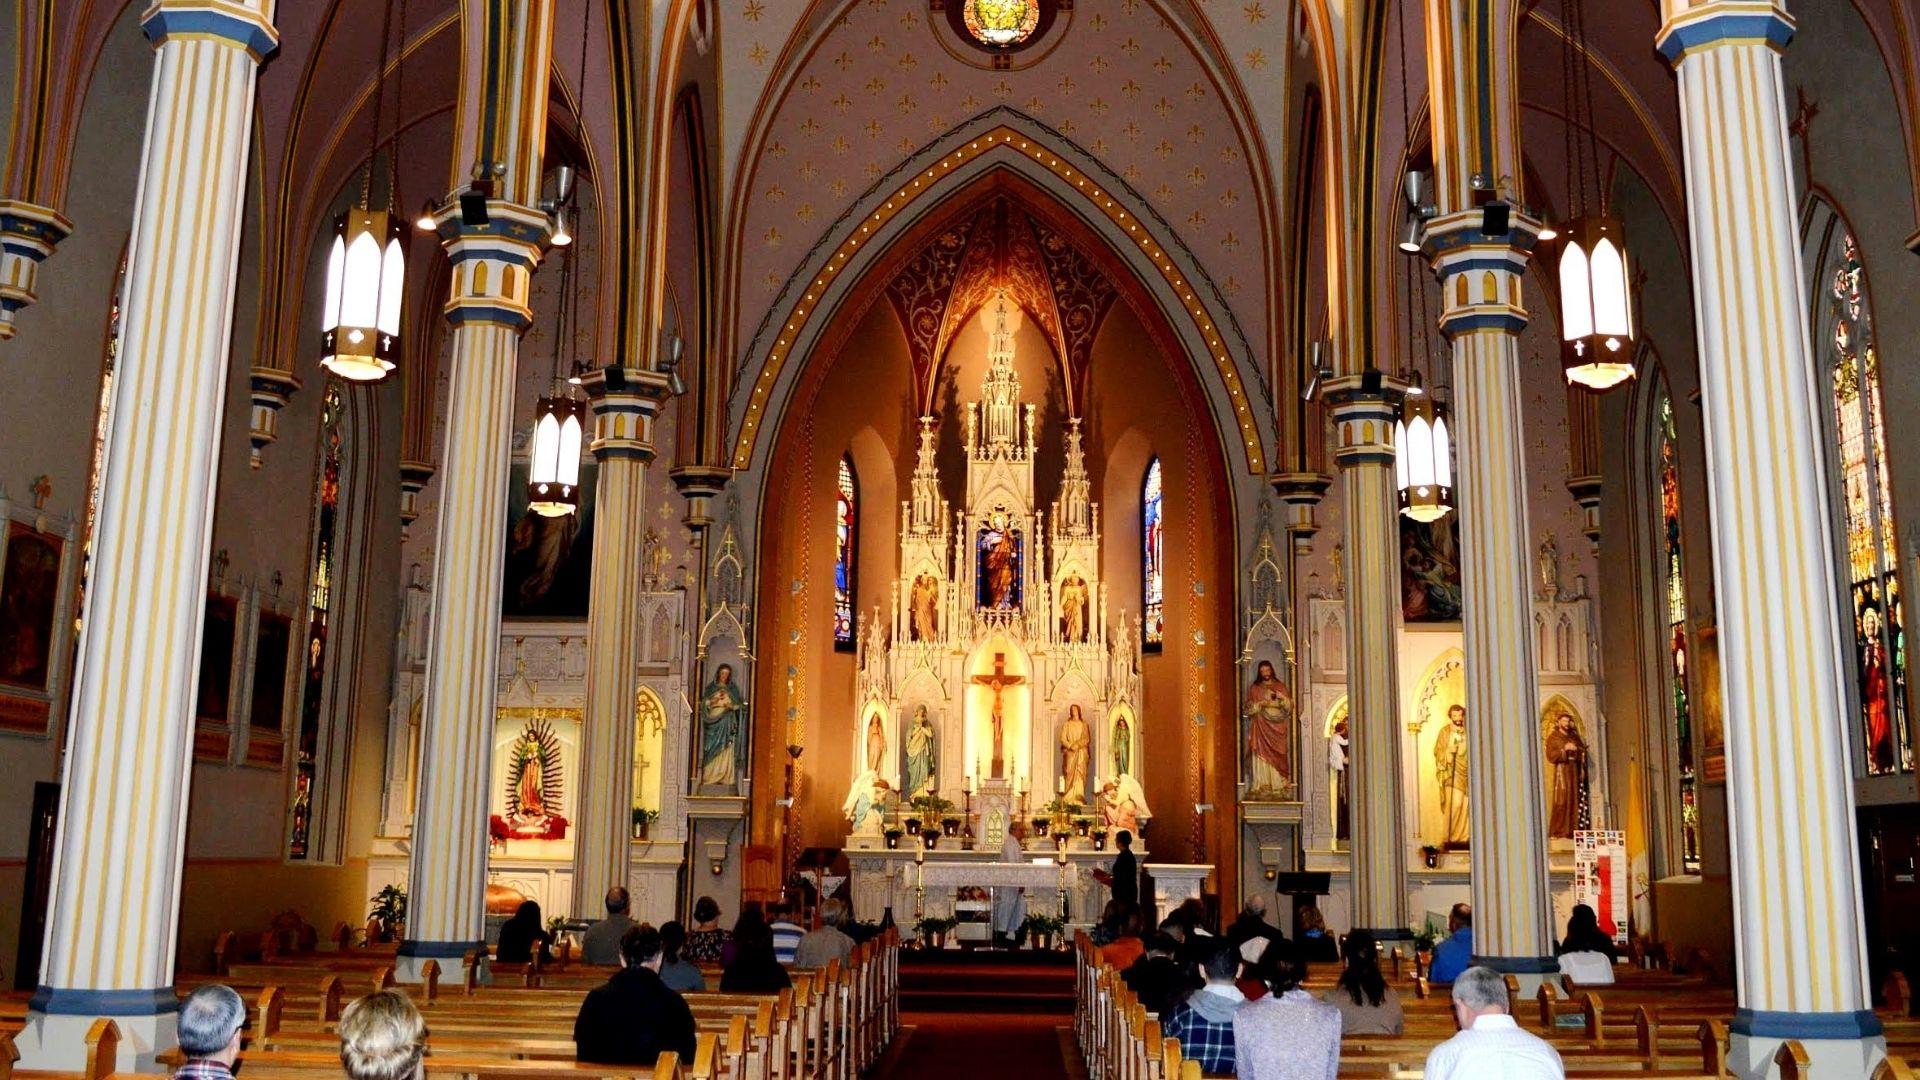 Templos religiosos reabrirán el próximo domingo 1 de noviembre